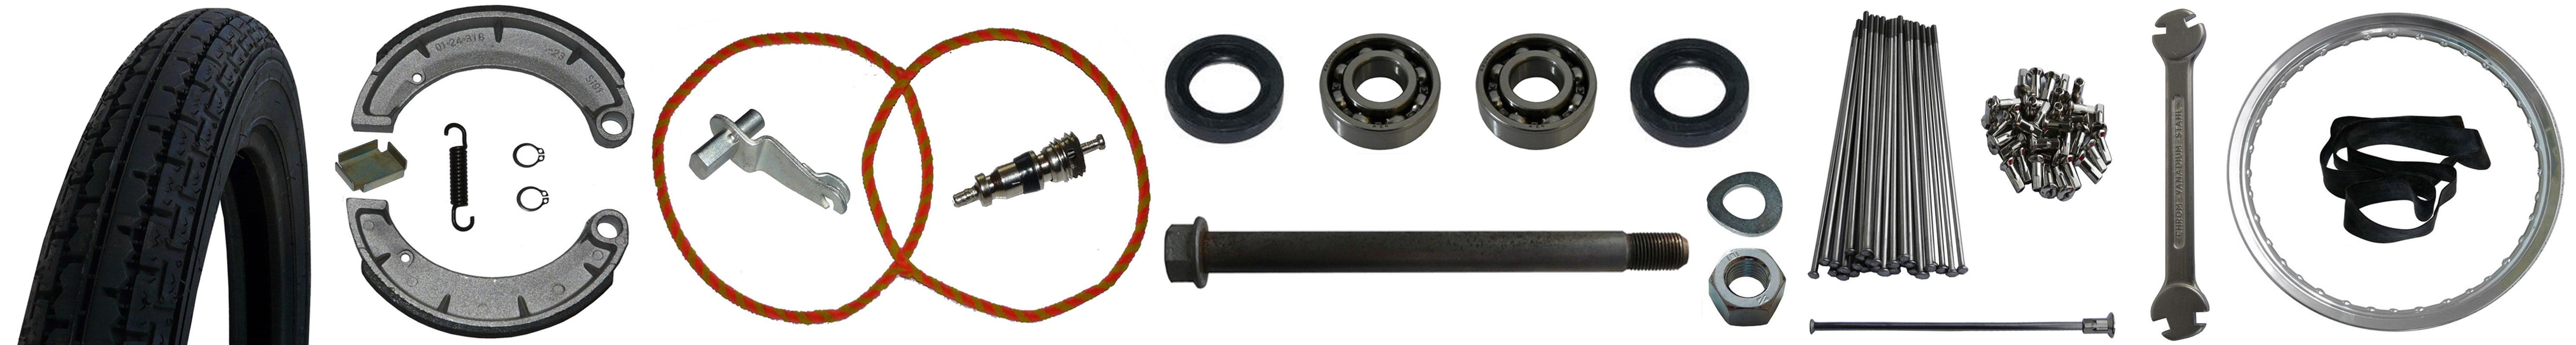 MZ ES 175/2 250/2 Ersatzteile Vorderrad Bremse